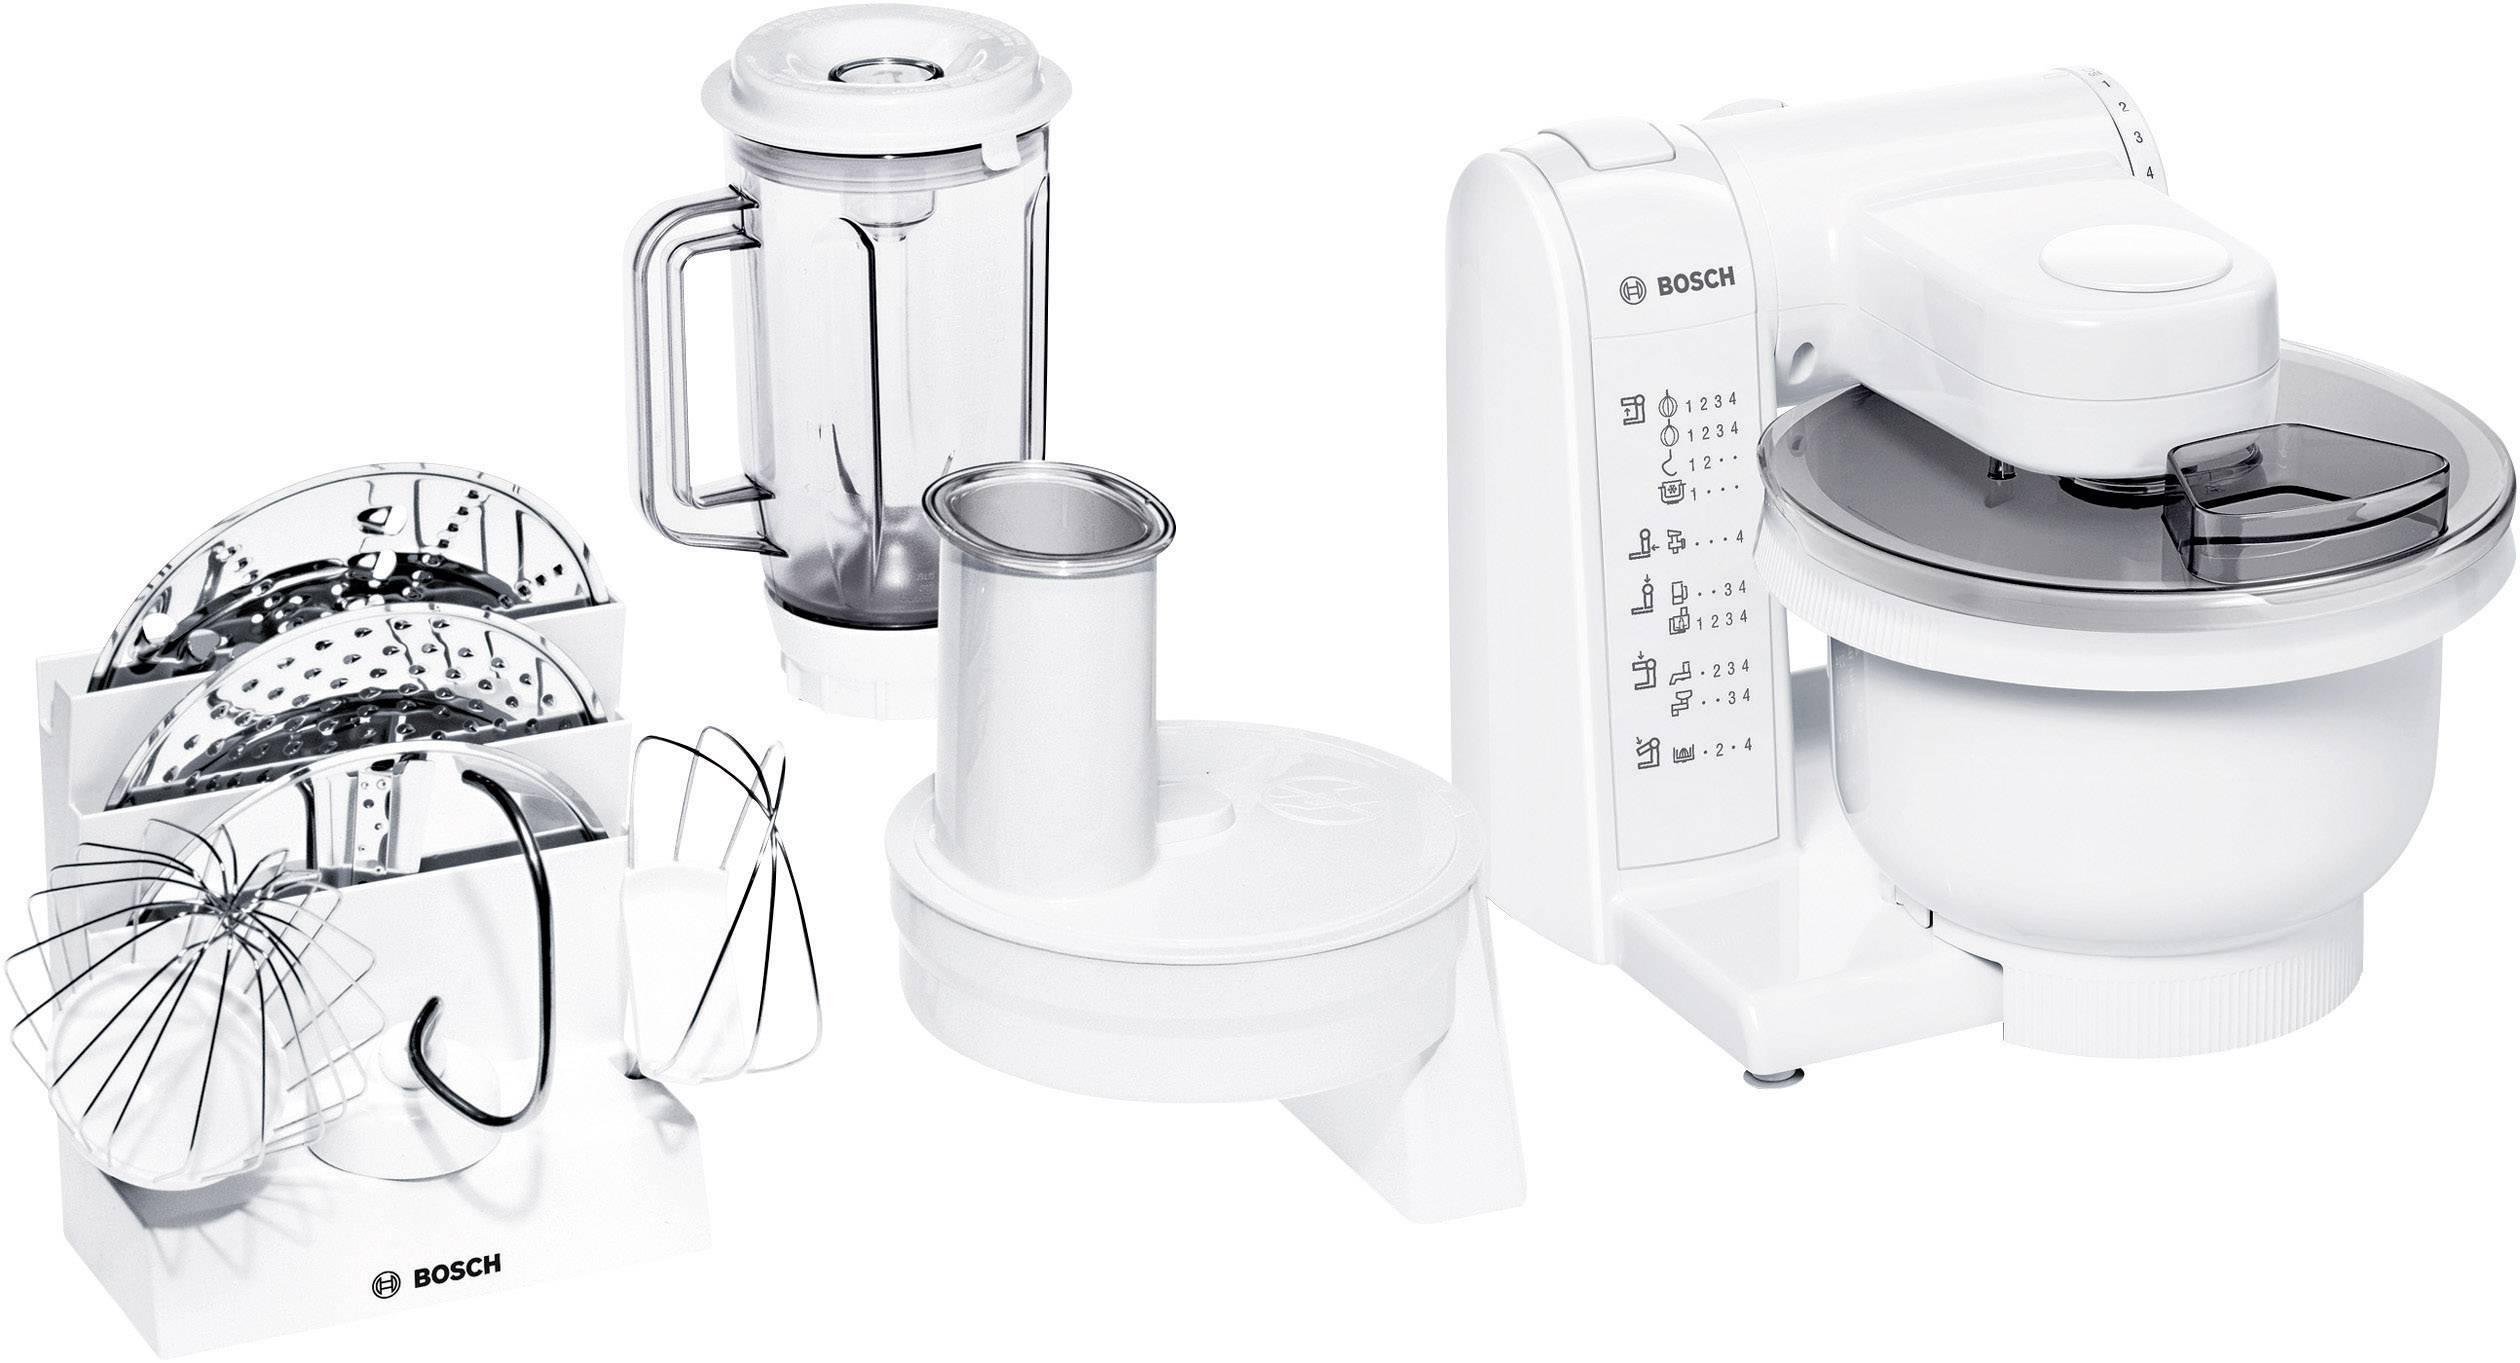 Bosch Haushalt MUM 4830 Küchenmaschine 600 W Weiß